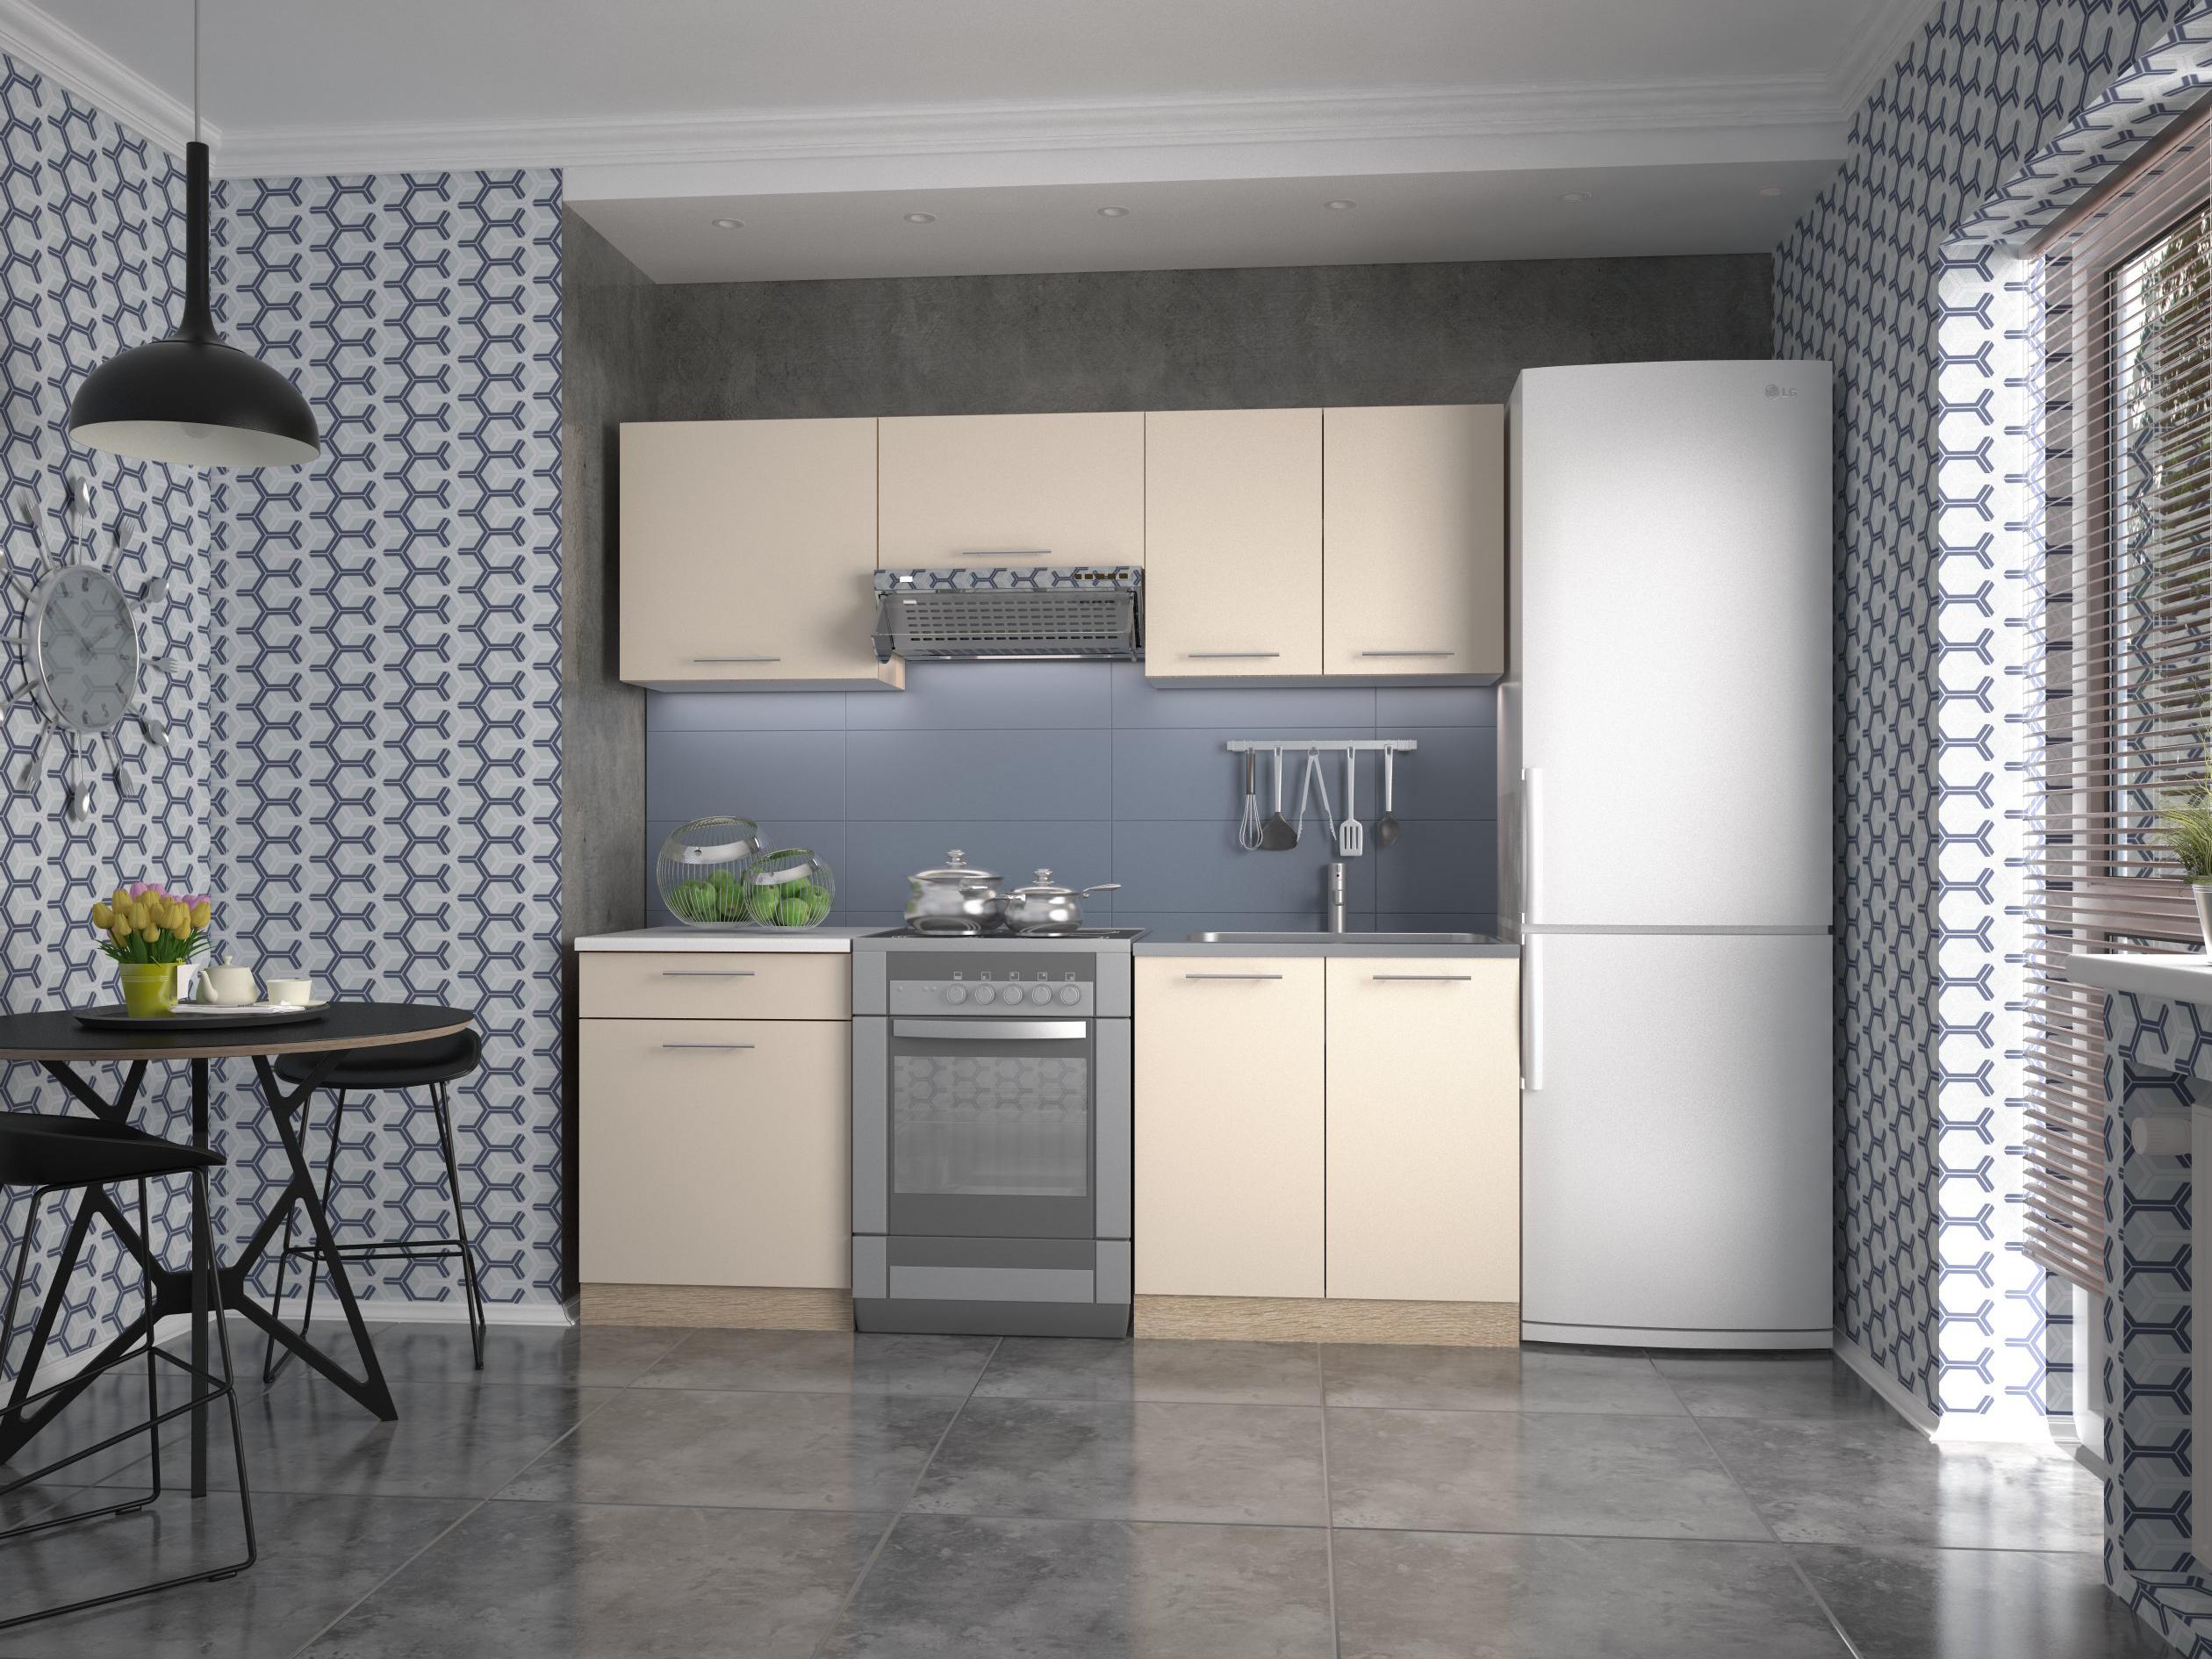 Kuchyně - Halmar - Marija 200 cm